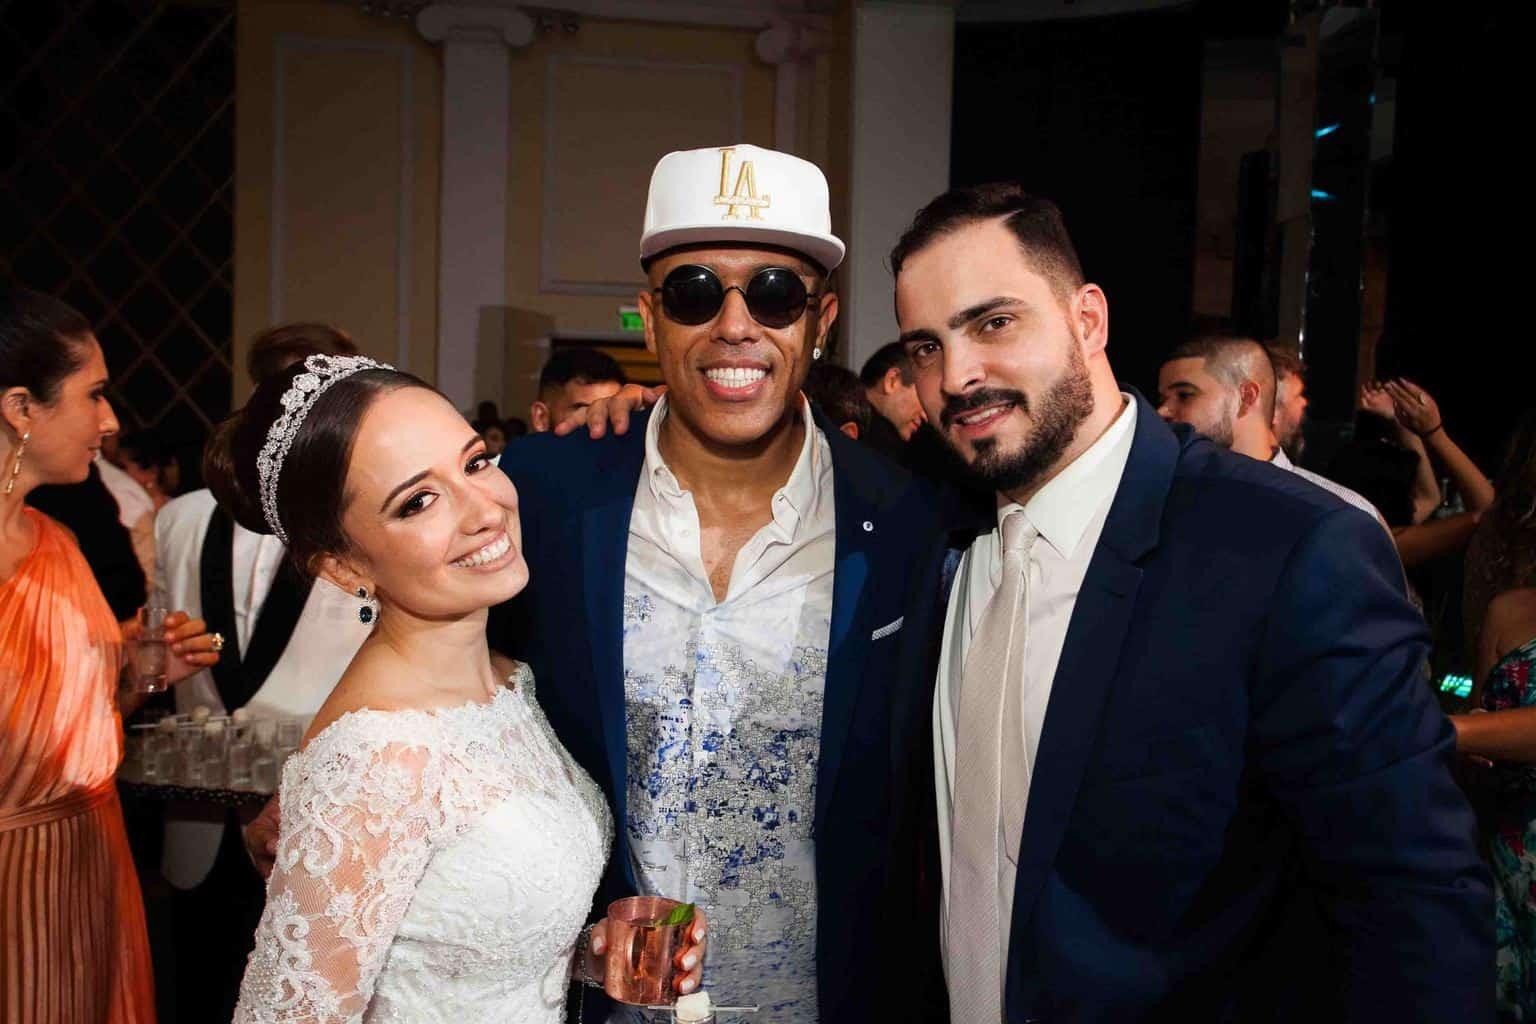 Casamento-Clássico-Casamento-tradicional-Copacabana-Palace-MC-Koringa-Monica-Roias-Ribas-Foto-e-Vídeo-Tuanny-e-Bernardo-CaseMe-4